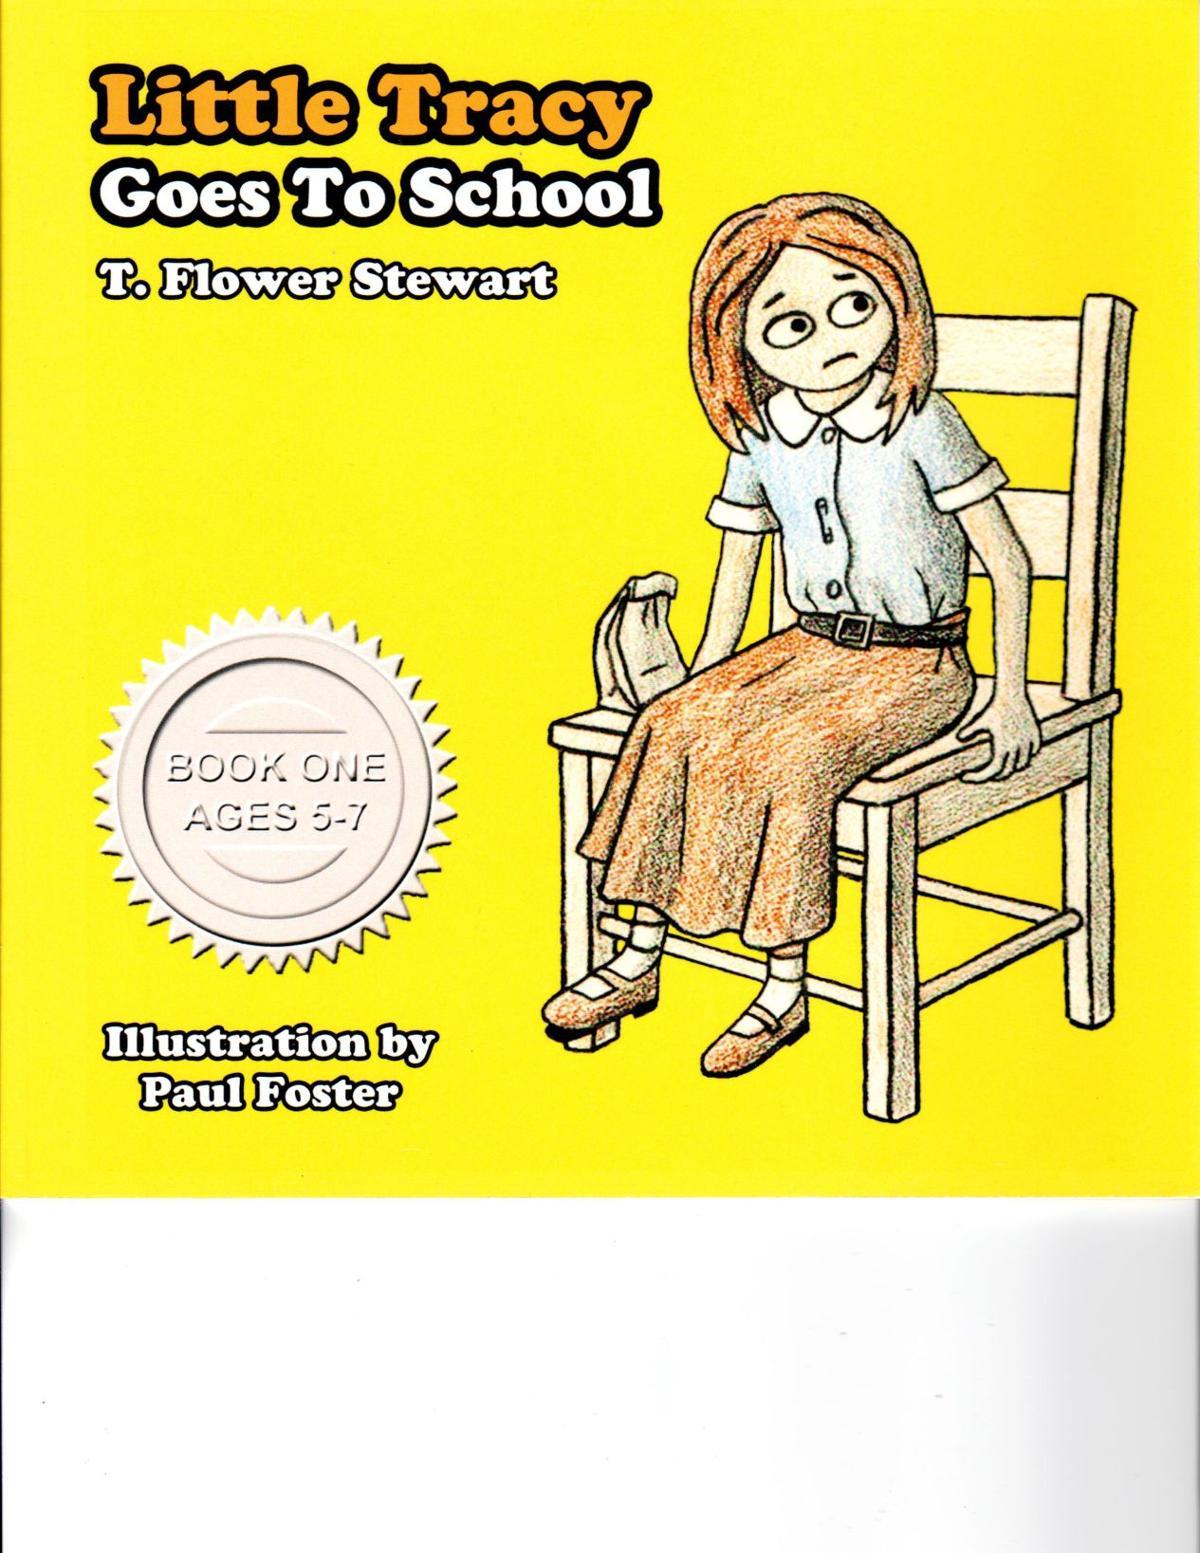 T. Flower Stewart Book -- Little Tracy Goes to School.jpg